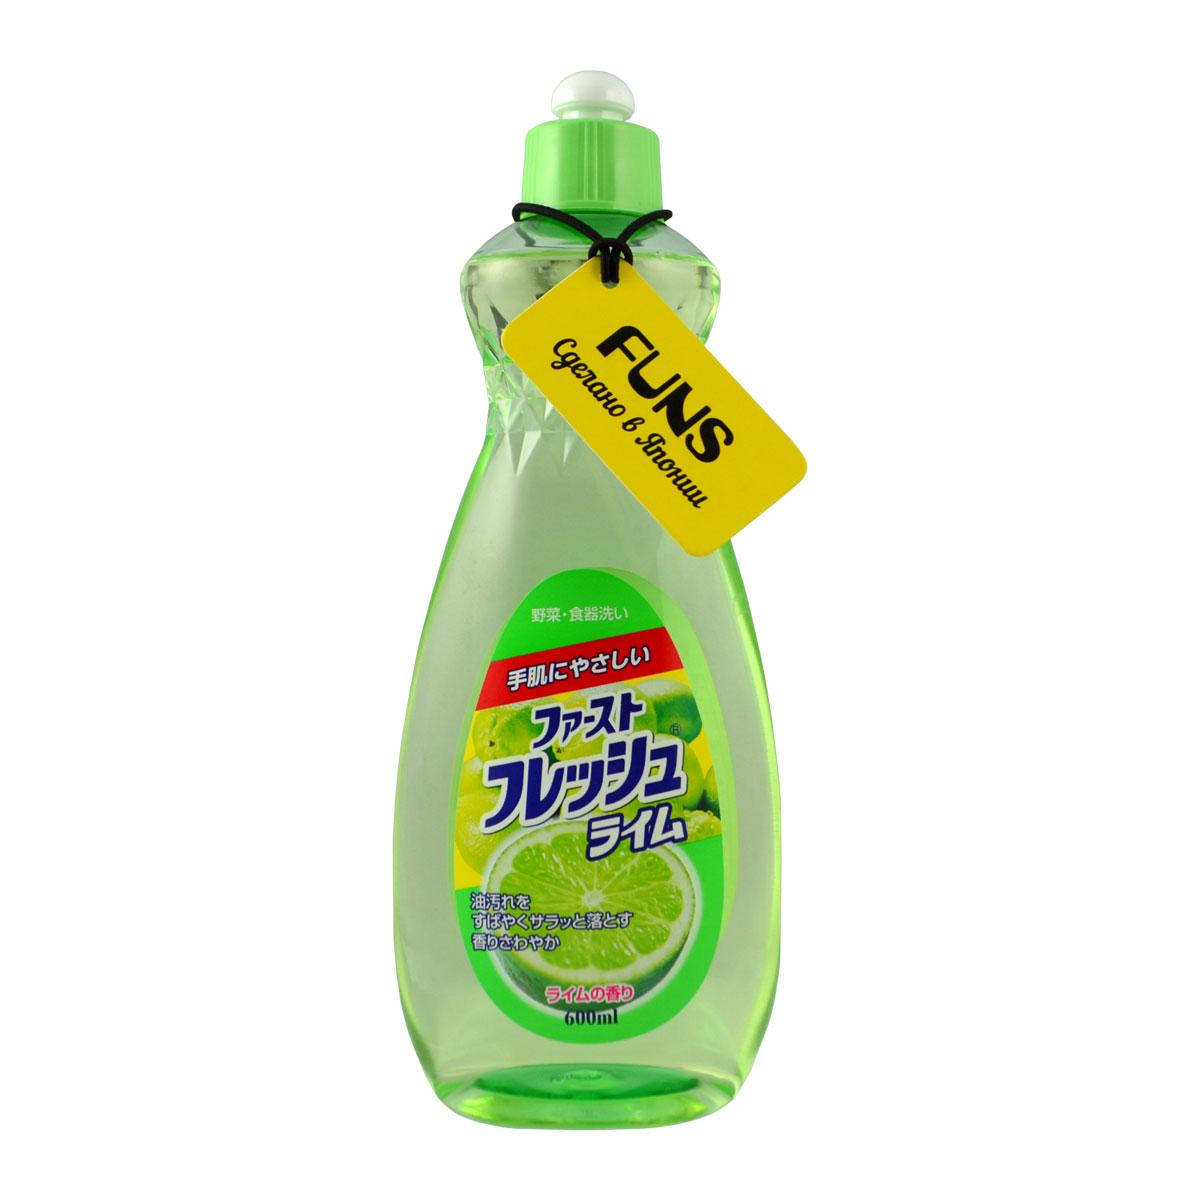 Жидкость для мытья посуды Funs, свежий лайм, 600 мл106038Жидкость для мытья посуды Funs предназначена для мытья столовой посуды, посуды для приготовления пищи, овощей и фруктов.Средство полностью удаляет стойкие пятна жира и имеет приятный цитрусовый аромат. Особенности:Экологически чистый продукт.Содержит растительный экстракт, безопасный для кожи.Не сушит и не раздражает кожу рук.Не оставляет запаха на овощах и фруктах.Прекрасно смывается водой с любой поверхности полностью и без остатка.Подходит для мытья детской посуды и аксессуаров для кормления новорожденных. Способ применения:На 1 л воды использовать 1.5 мл средства (примерно 1 чайная ложка). Способ хранения: хранить в недоступном для детей месте.Избегать воздействия прямых солнечных лучей на упаковку.Как выбрать качественную бытовую химию, безопасную для природы и людей. Статья OZON Гид